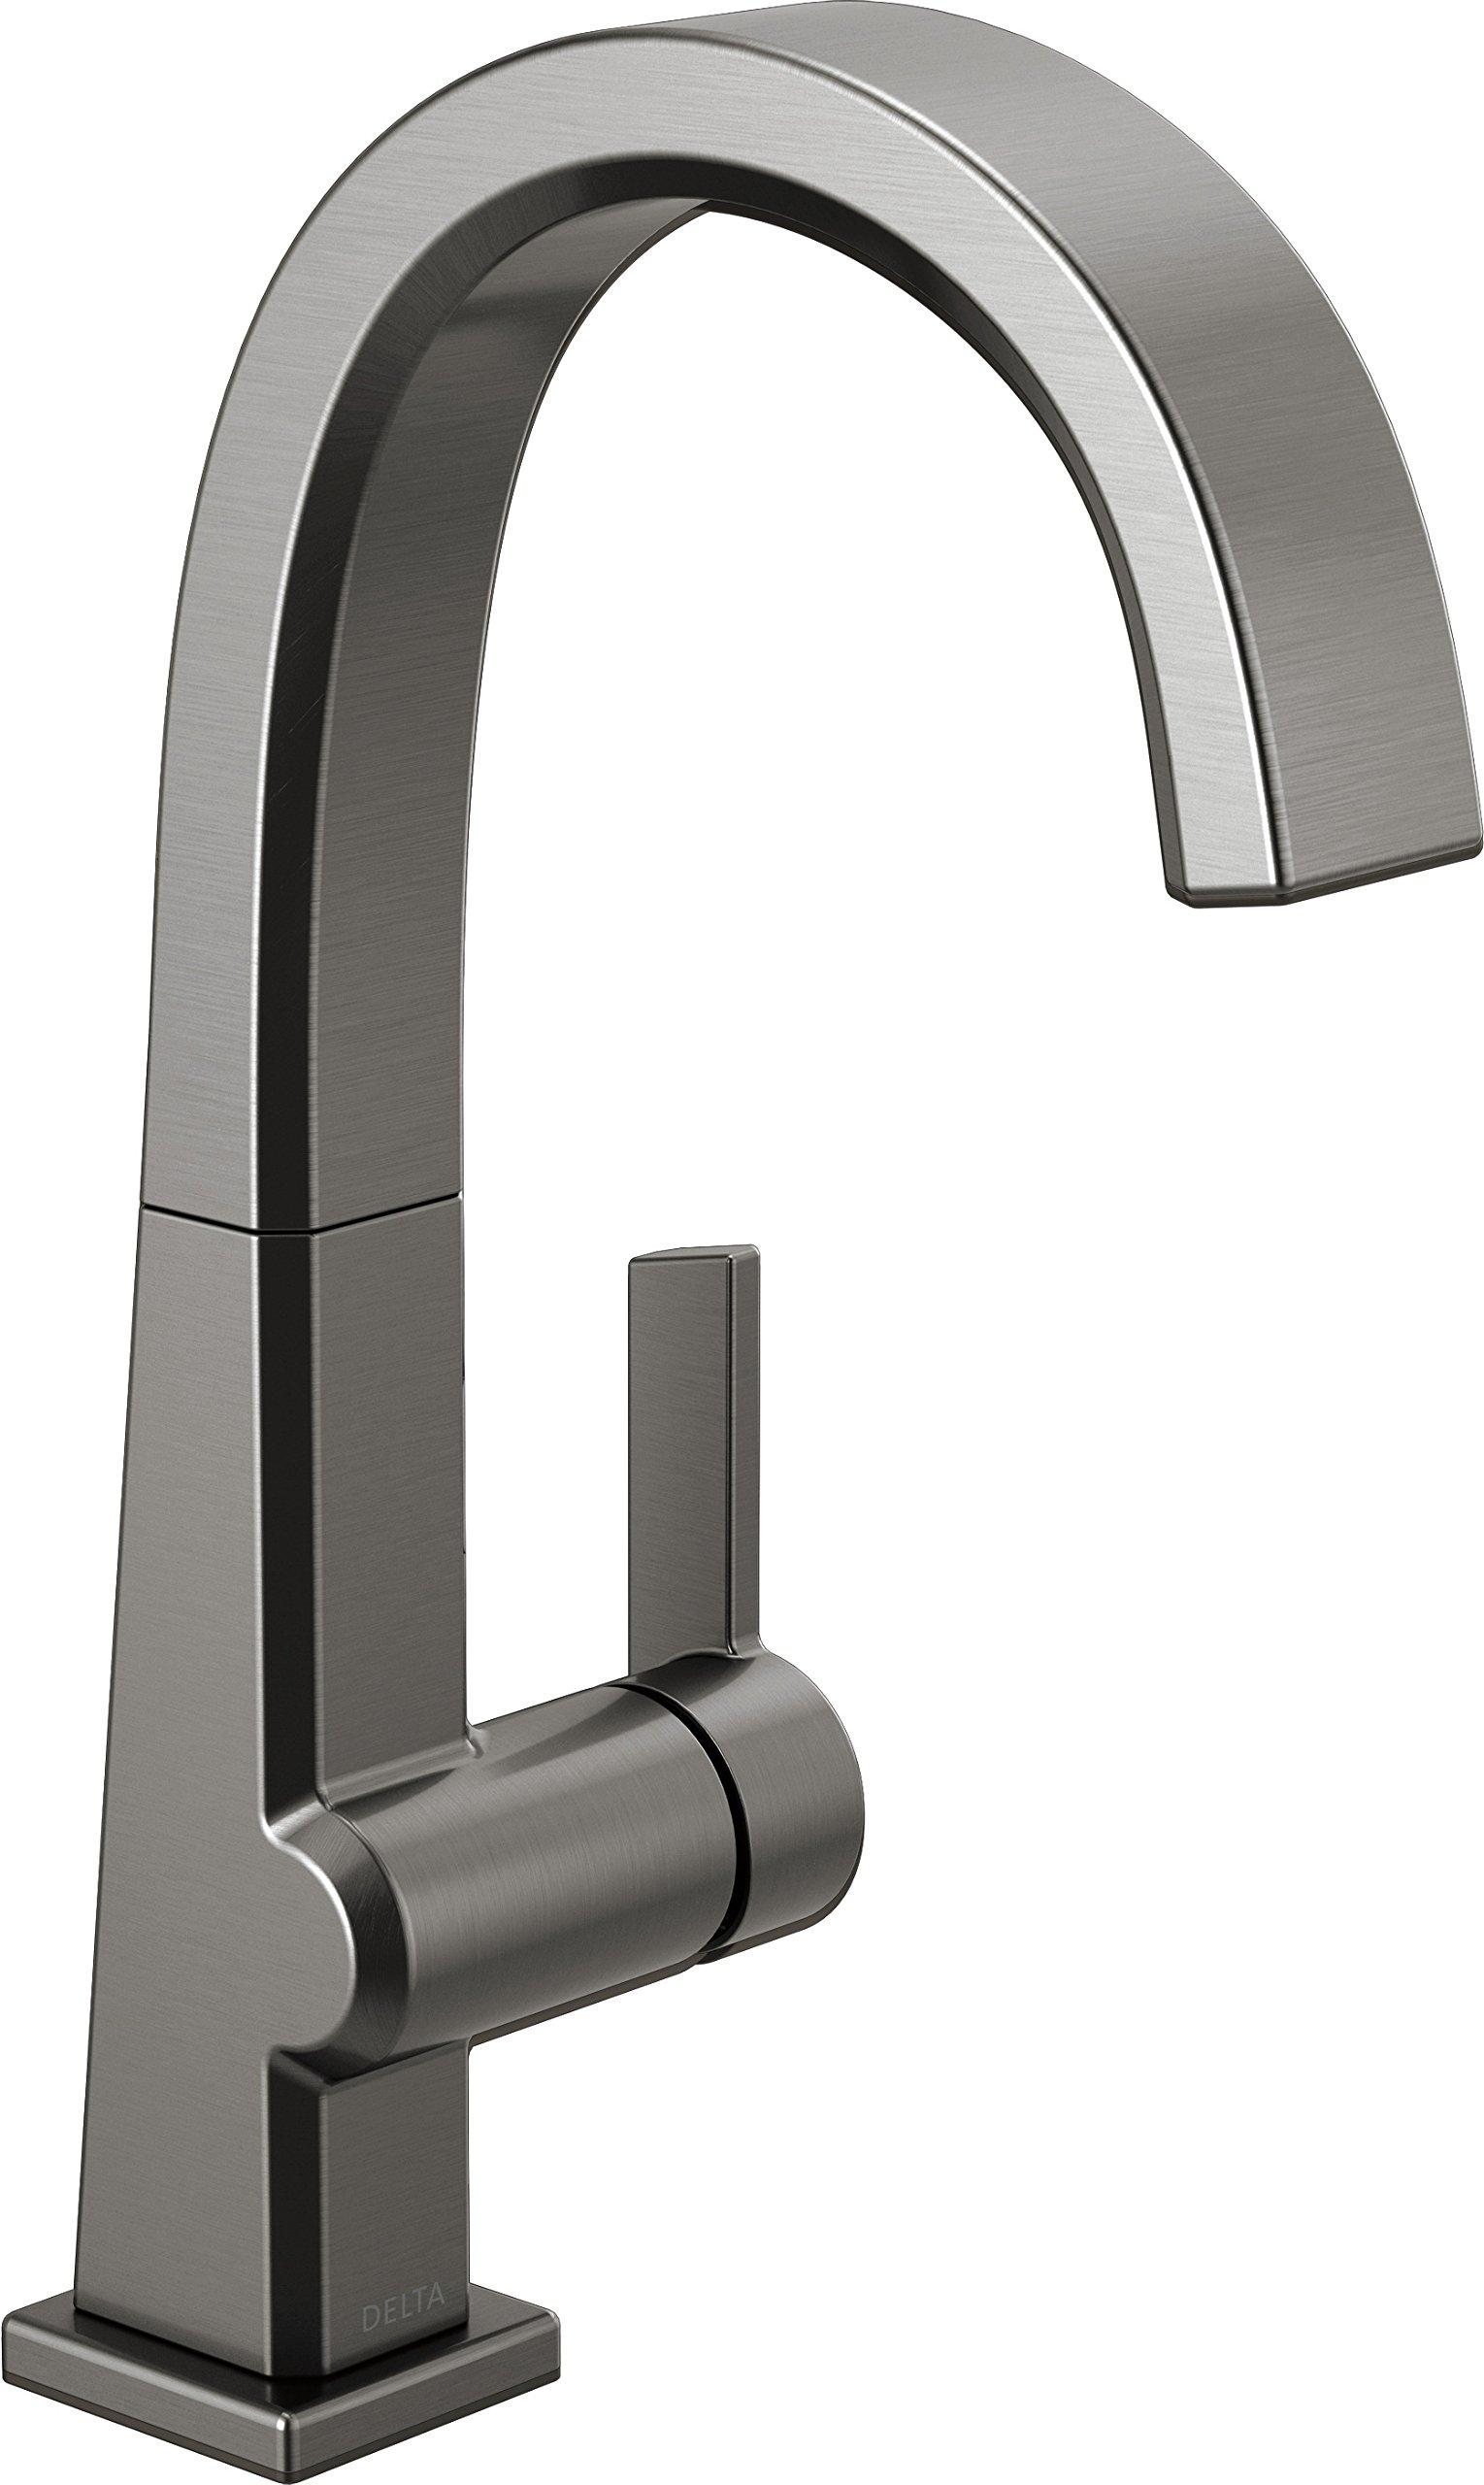 Delta Faucet Pivotal Single-Handle Bar-Prep Kitchen Sink Faucet, Black Stainless 1993LF-KS